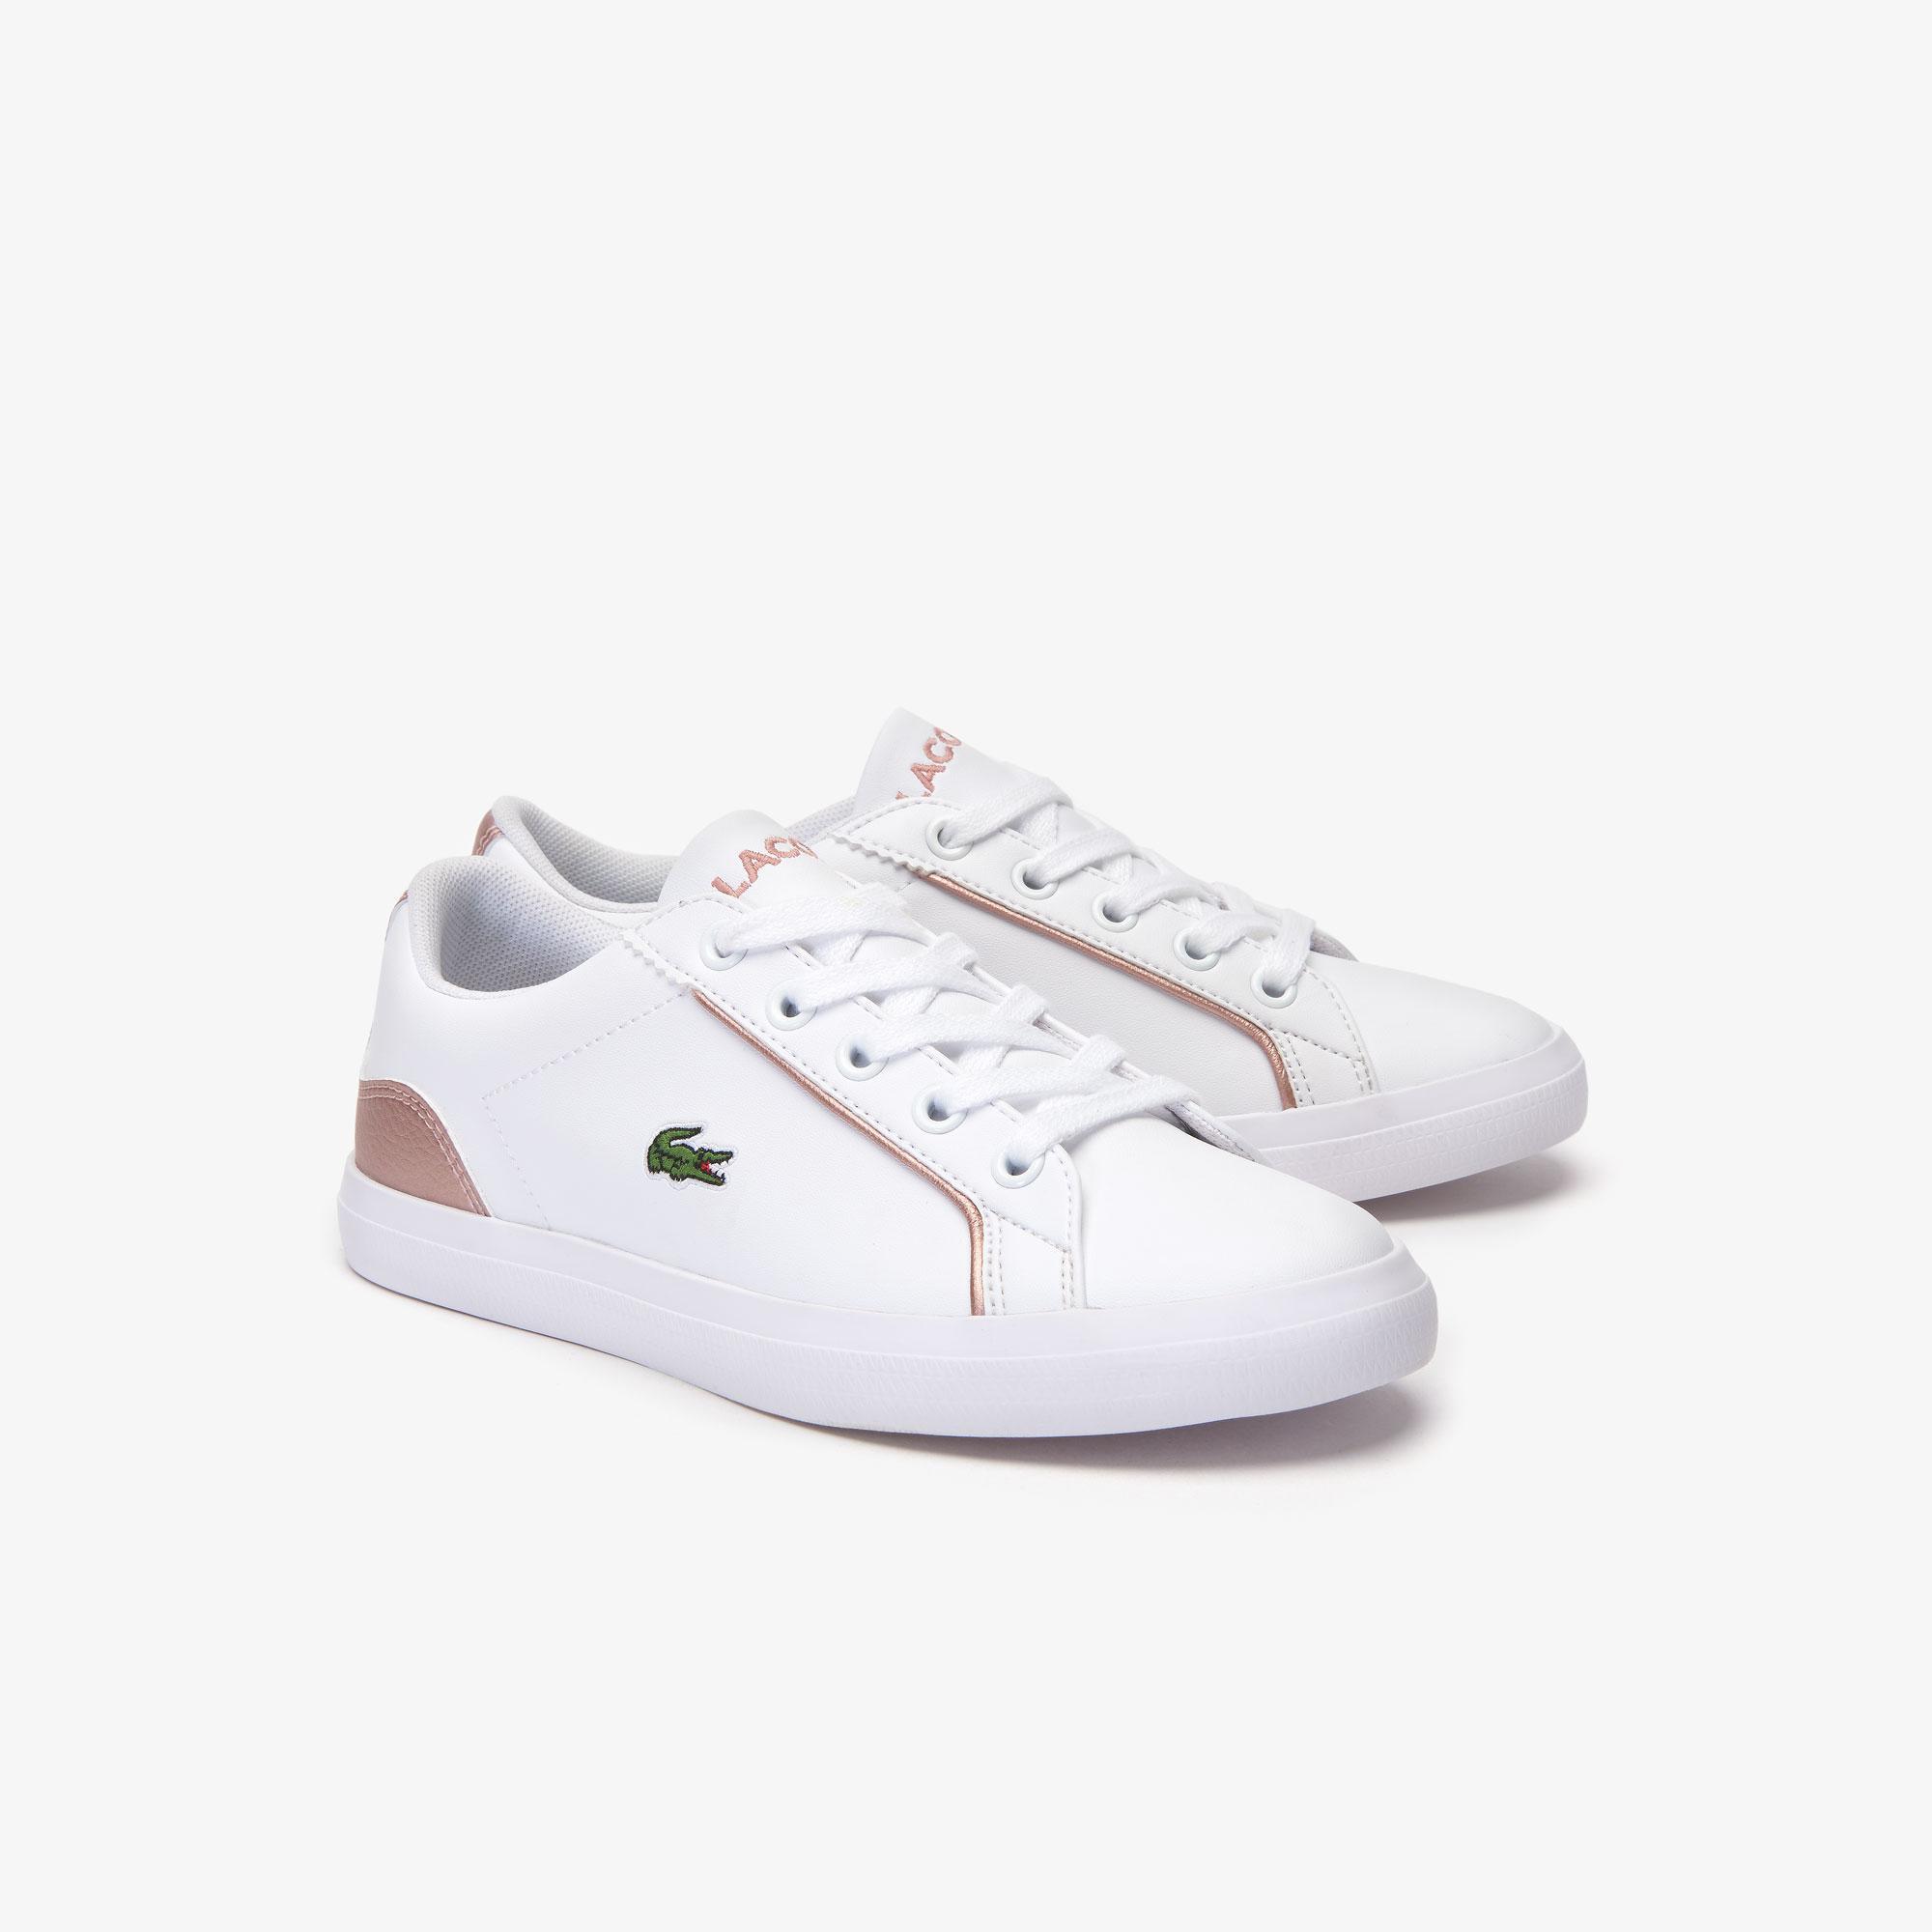 Lacoste Lerond 319 2 Cuc Çocuk Beyaz - Pembe Casual Ayakkabı